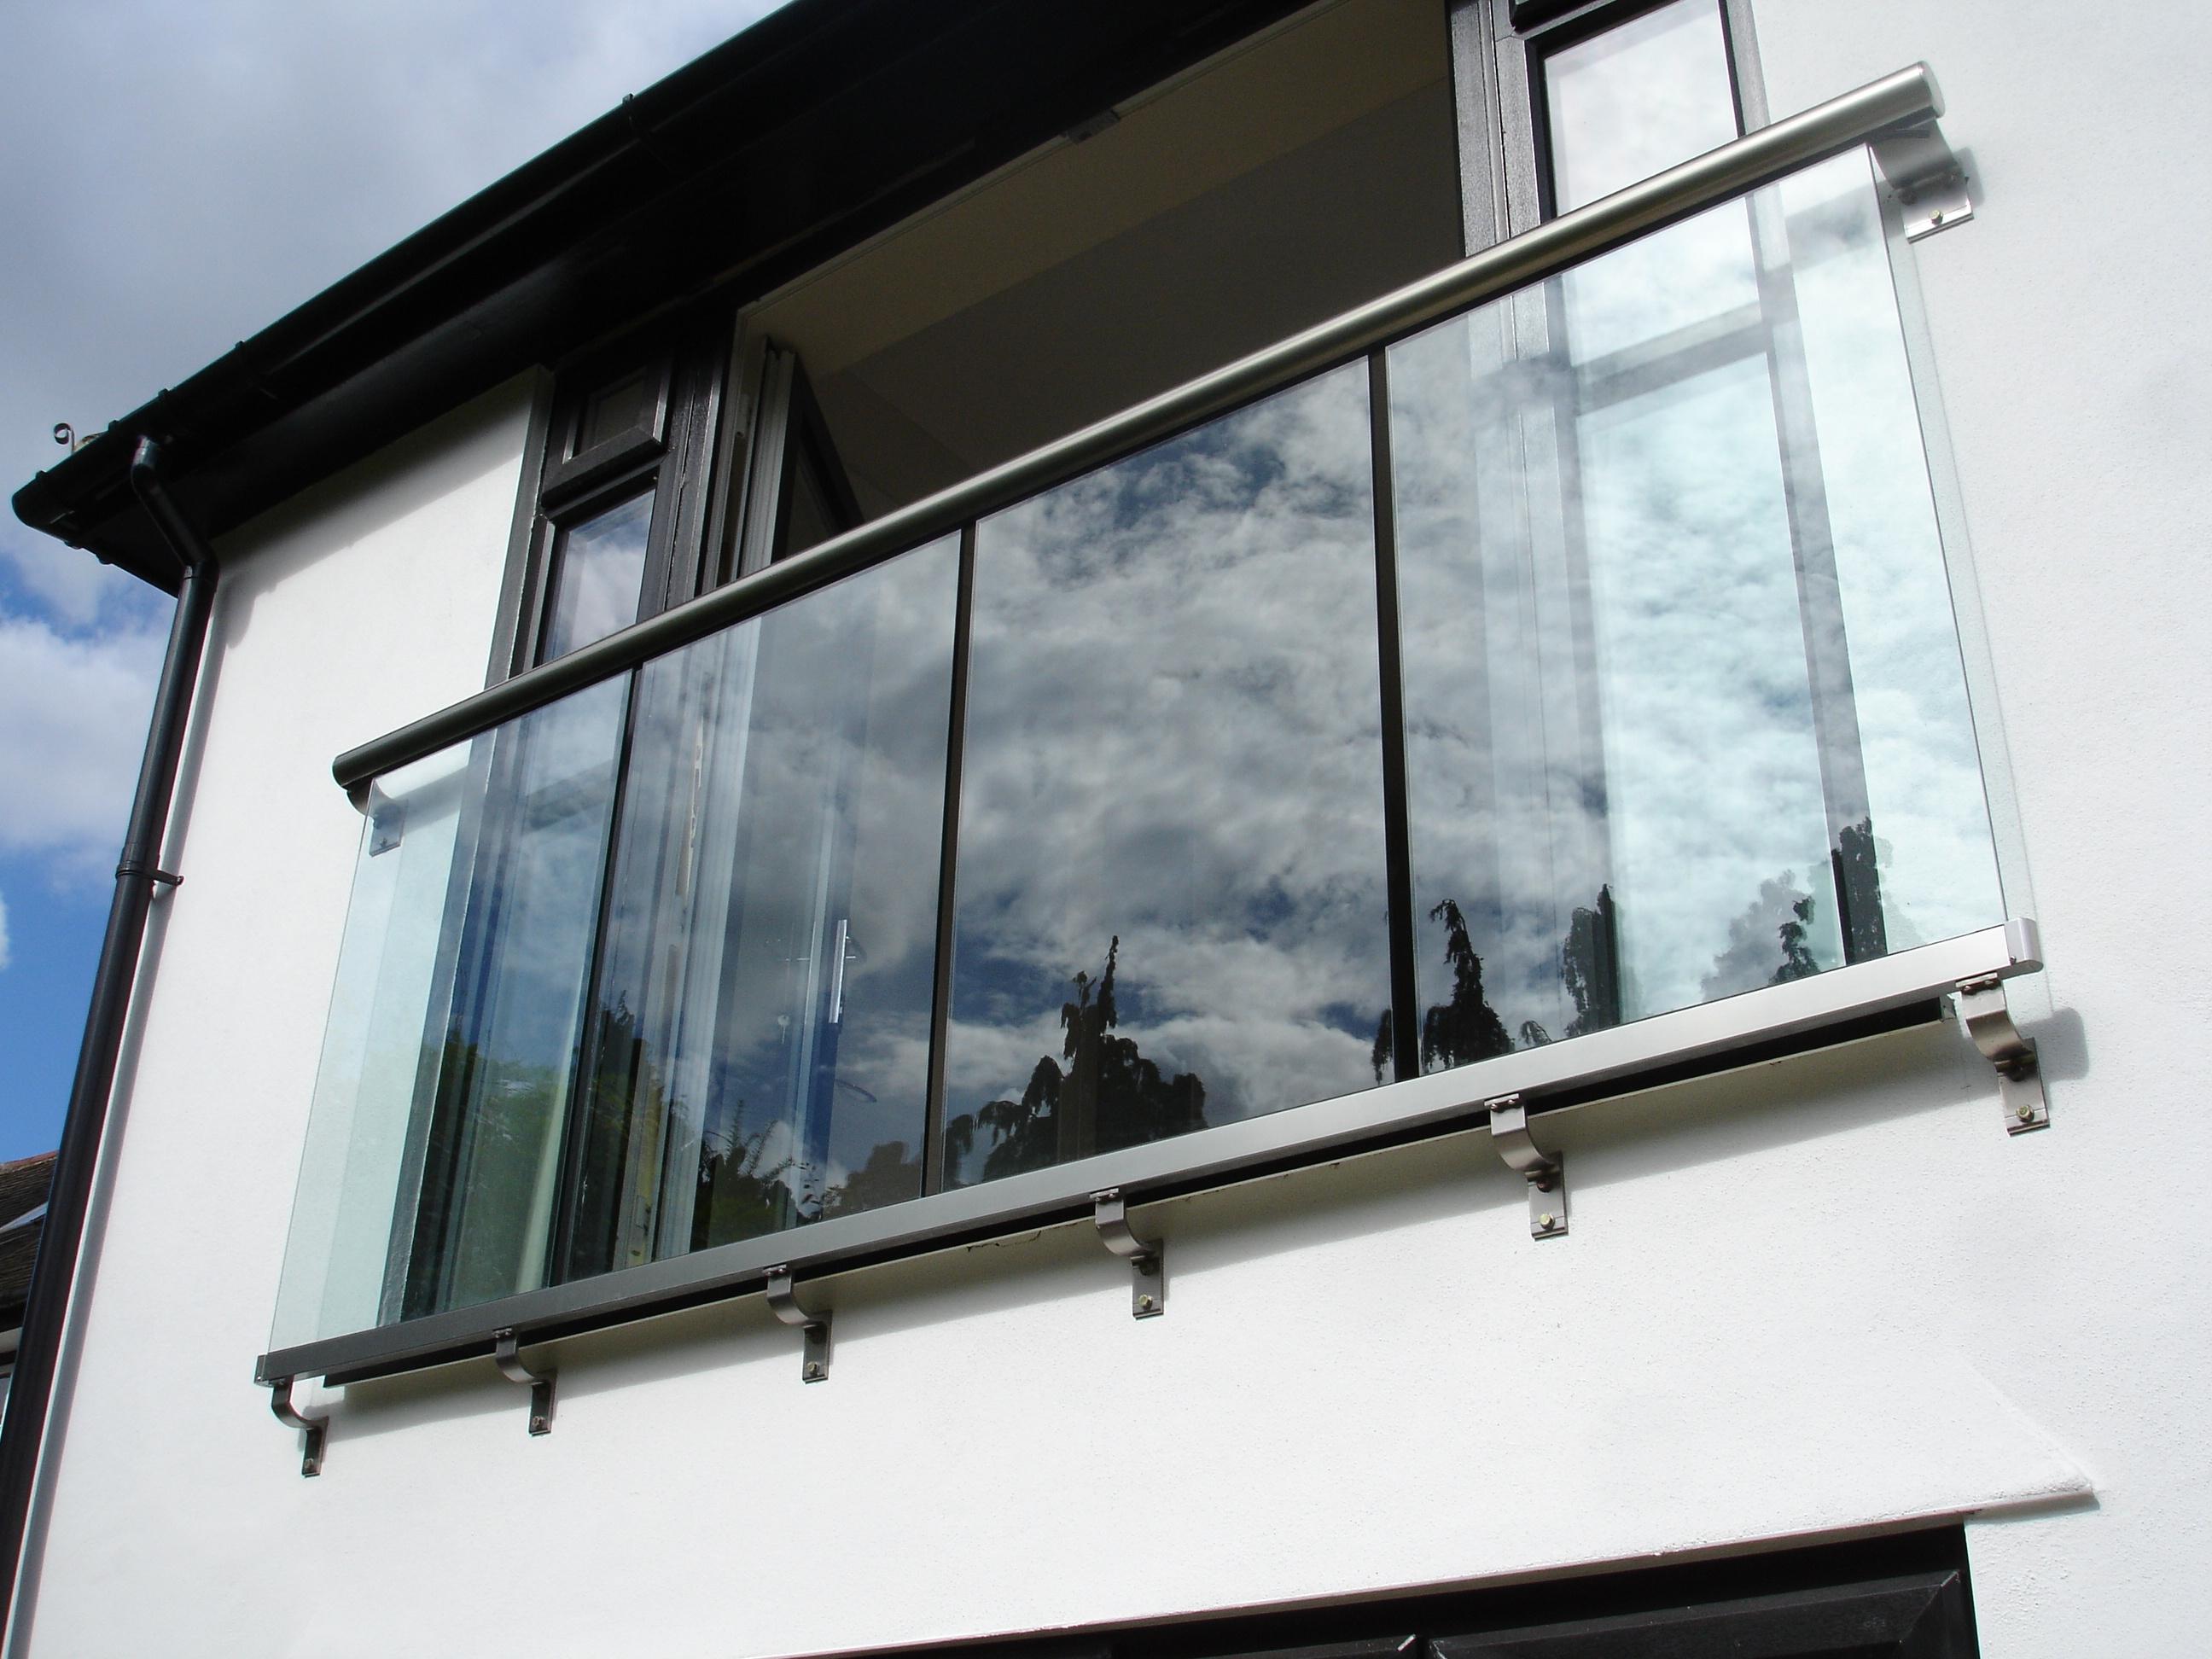 juliet balcony 2.84 mm